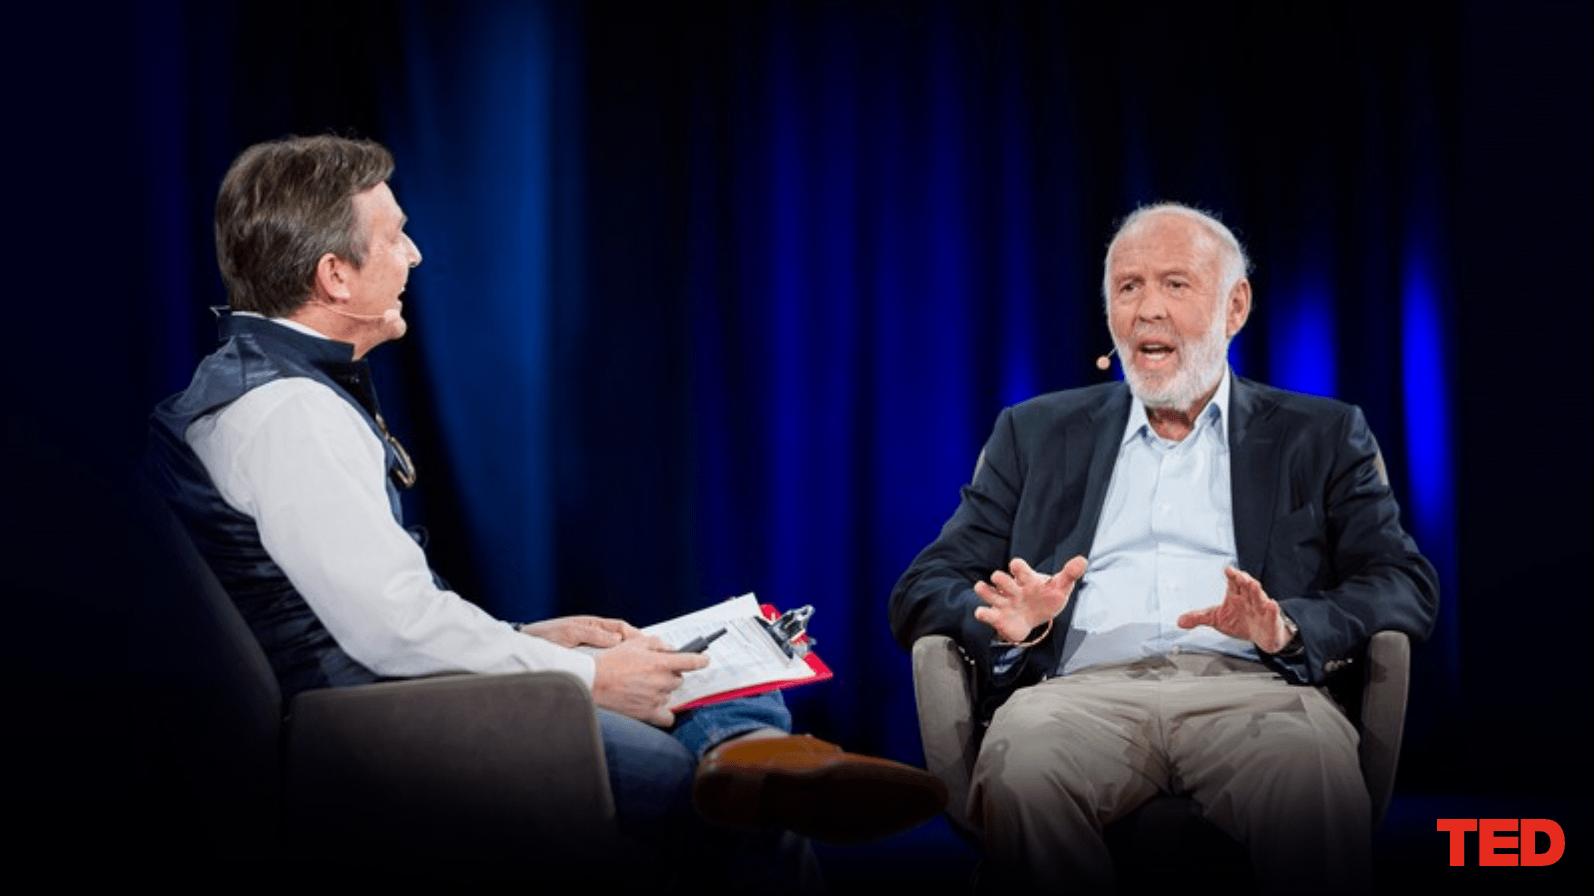 Джим Саймонс: Математик взломавший Уолл-Стрит. Редкое интервью